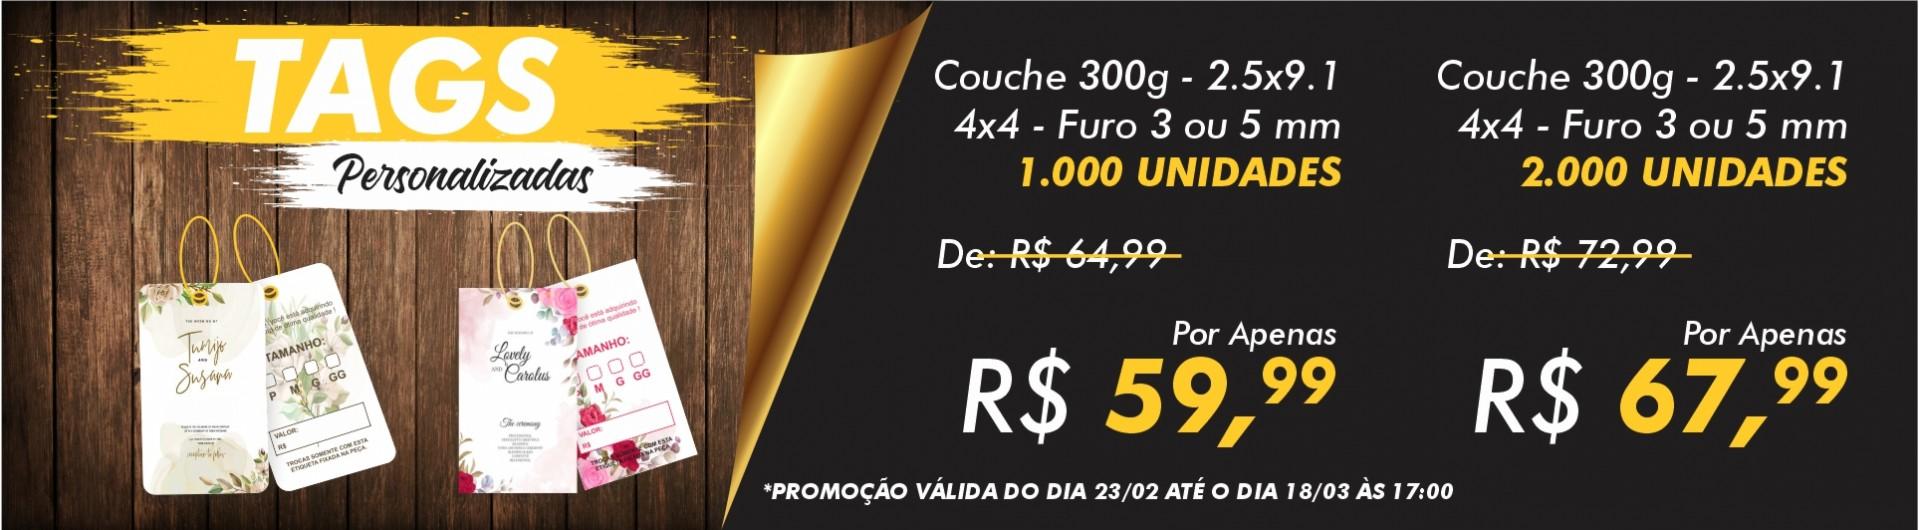 PROMOÇÃO TAG 4X4 - 2.5X9.1